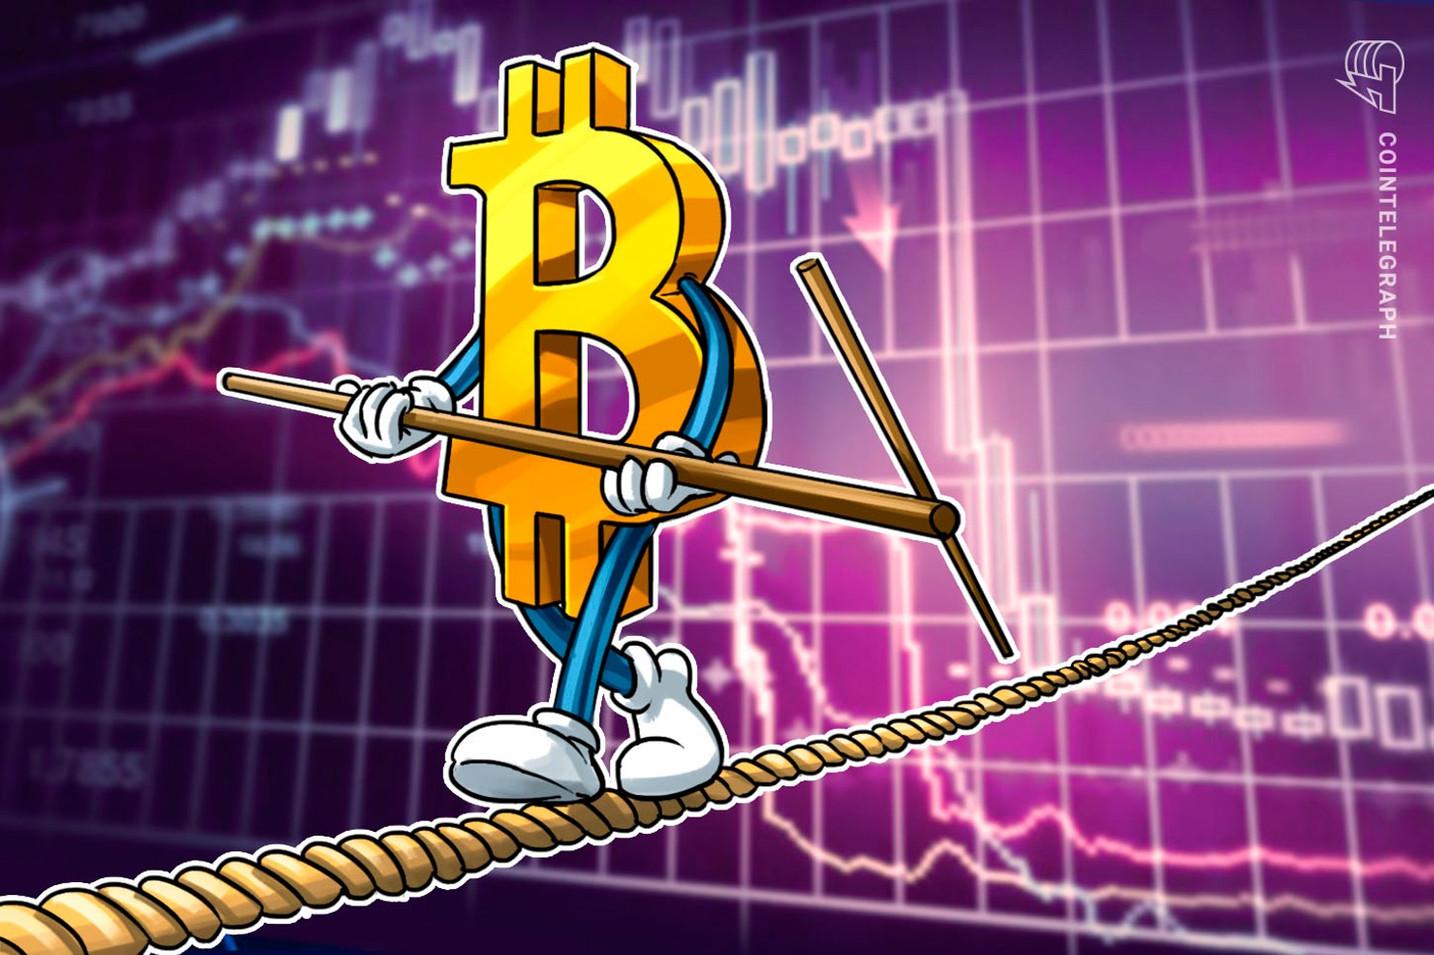 ダウントレンドの中、ビットコインは綱渡り状態か|テゾスが15%以上の急騰【仮想通貨相場】